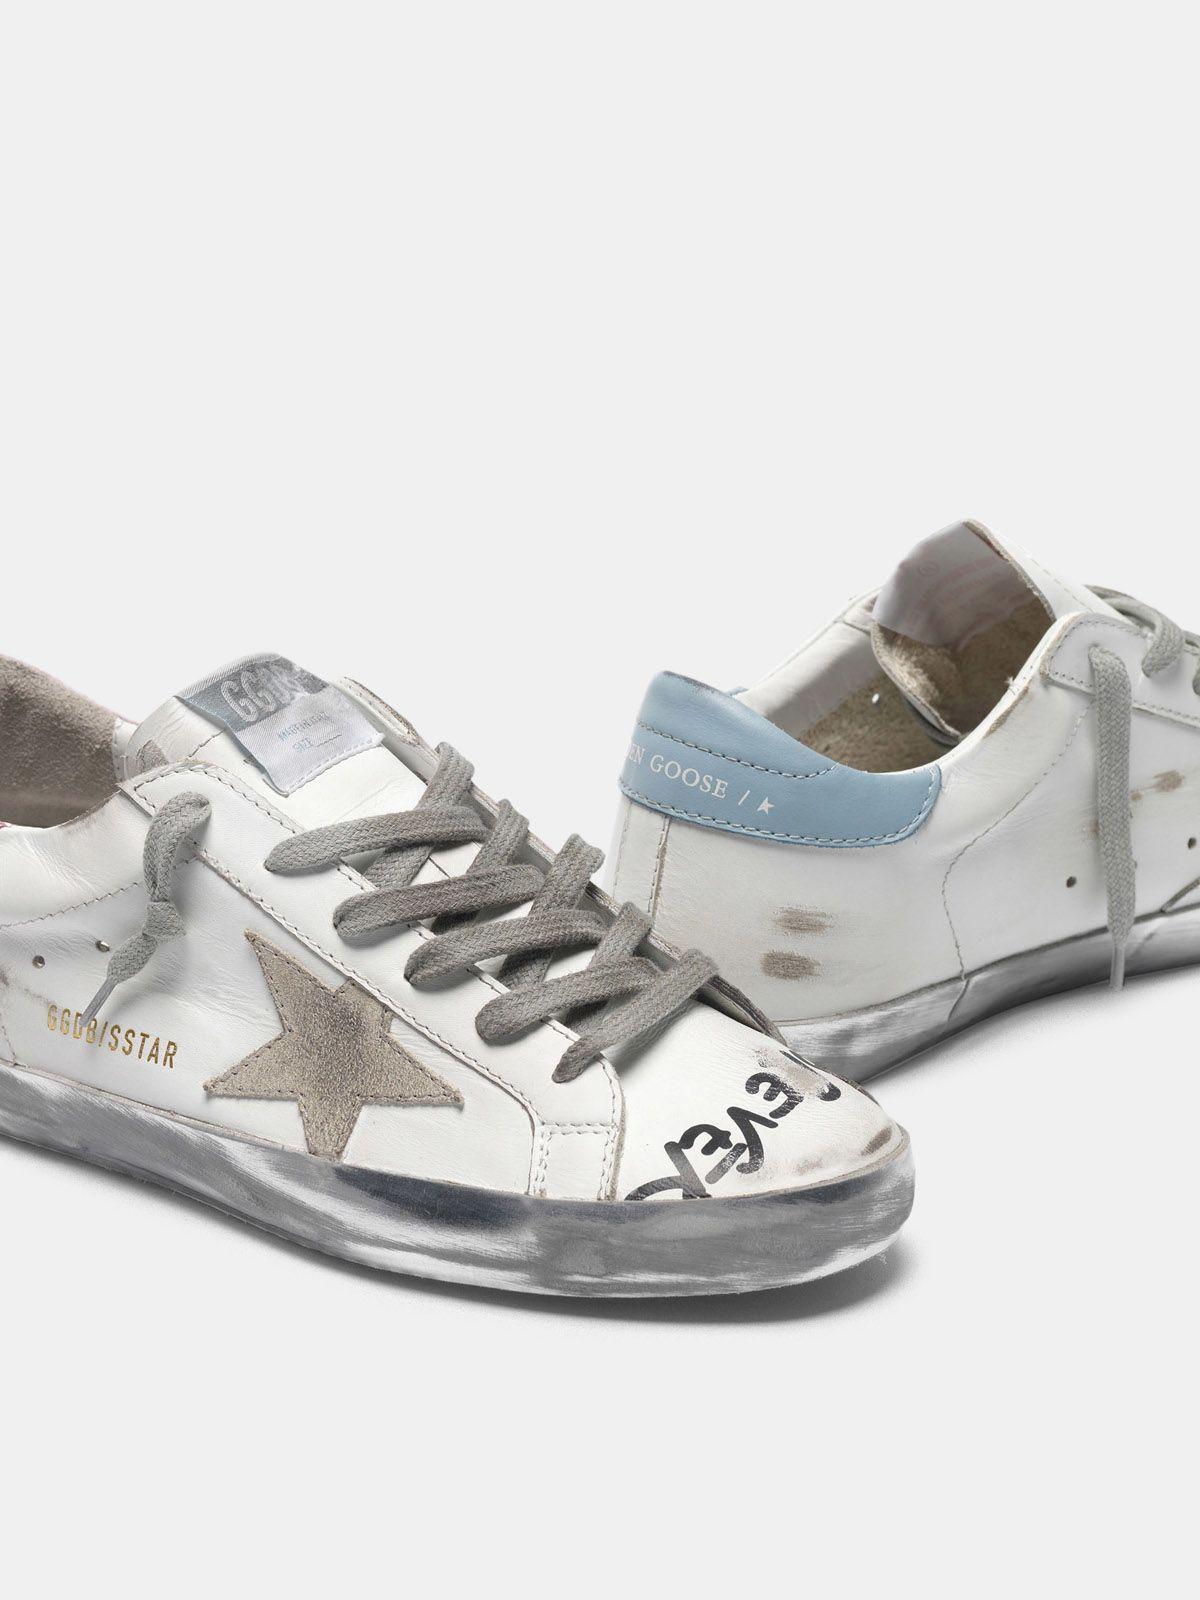 Golden Goose - Sneakers Super-Star con scritta a mano e talloncini bicolore in